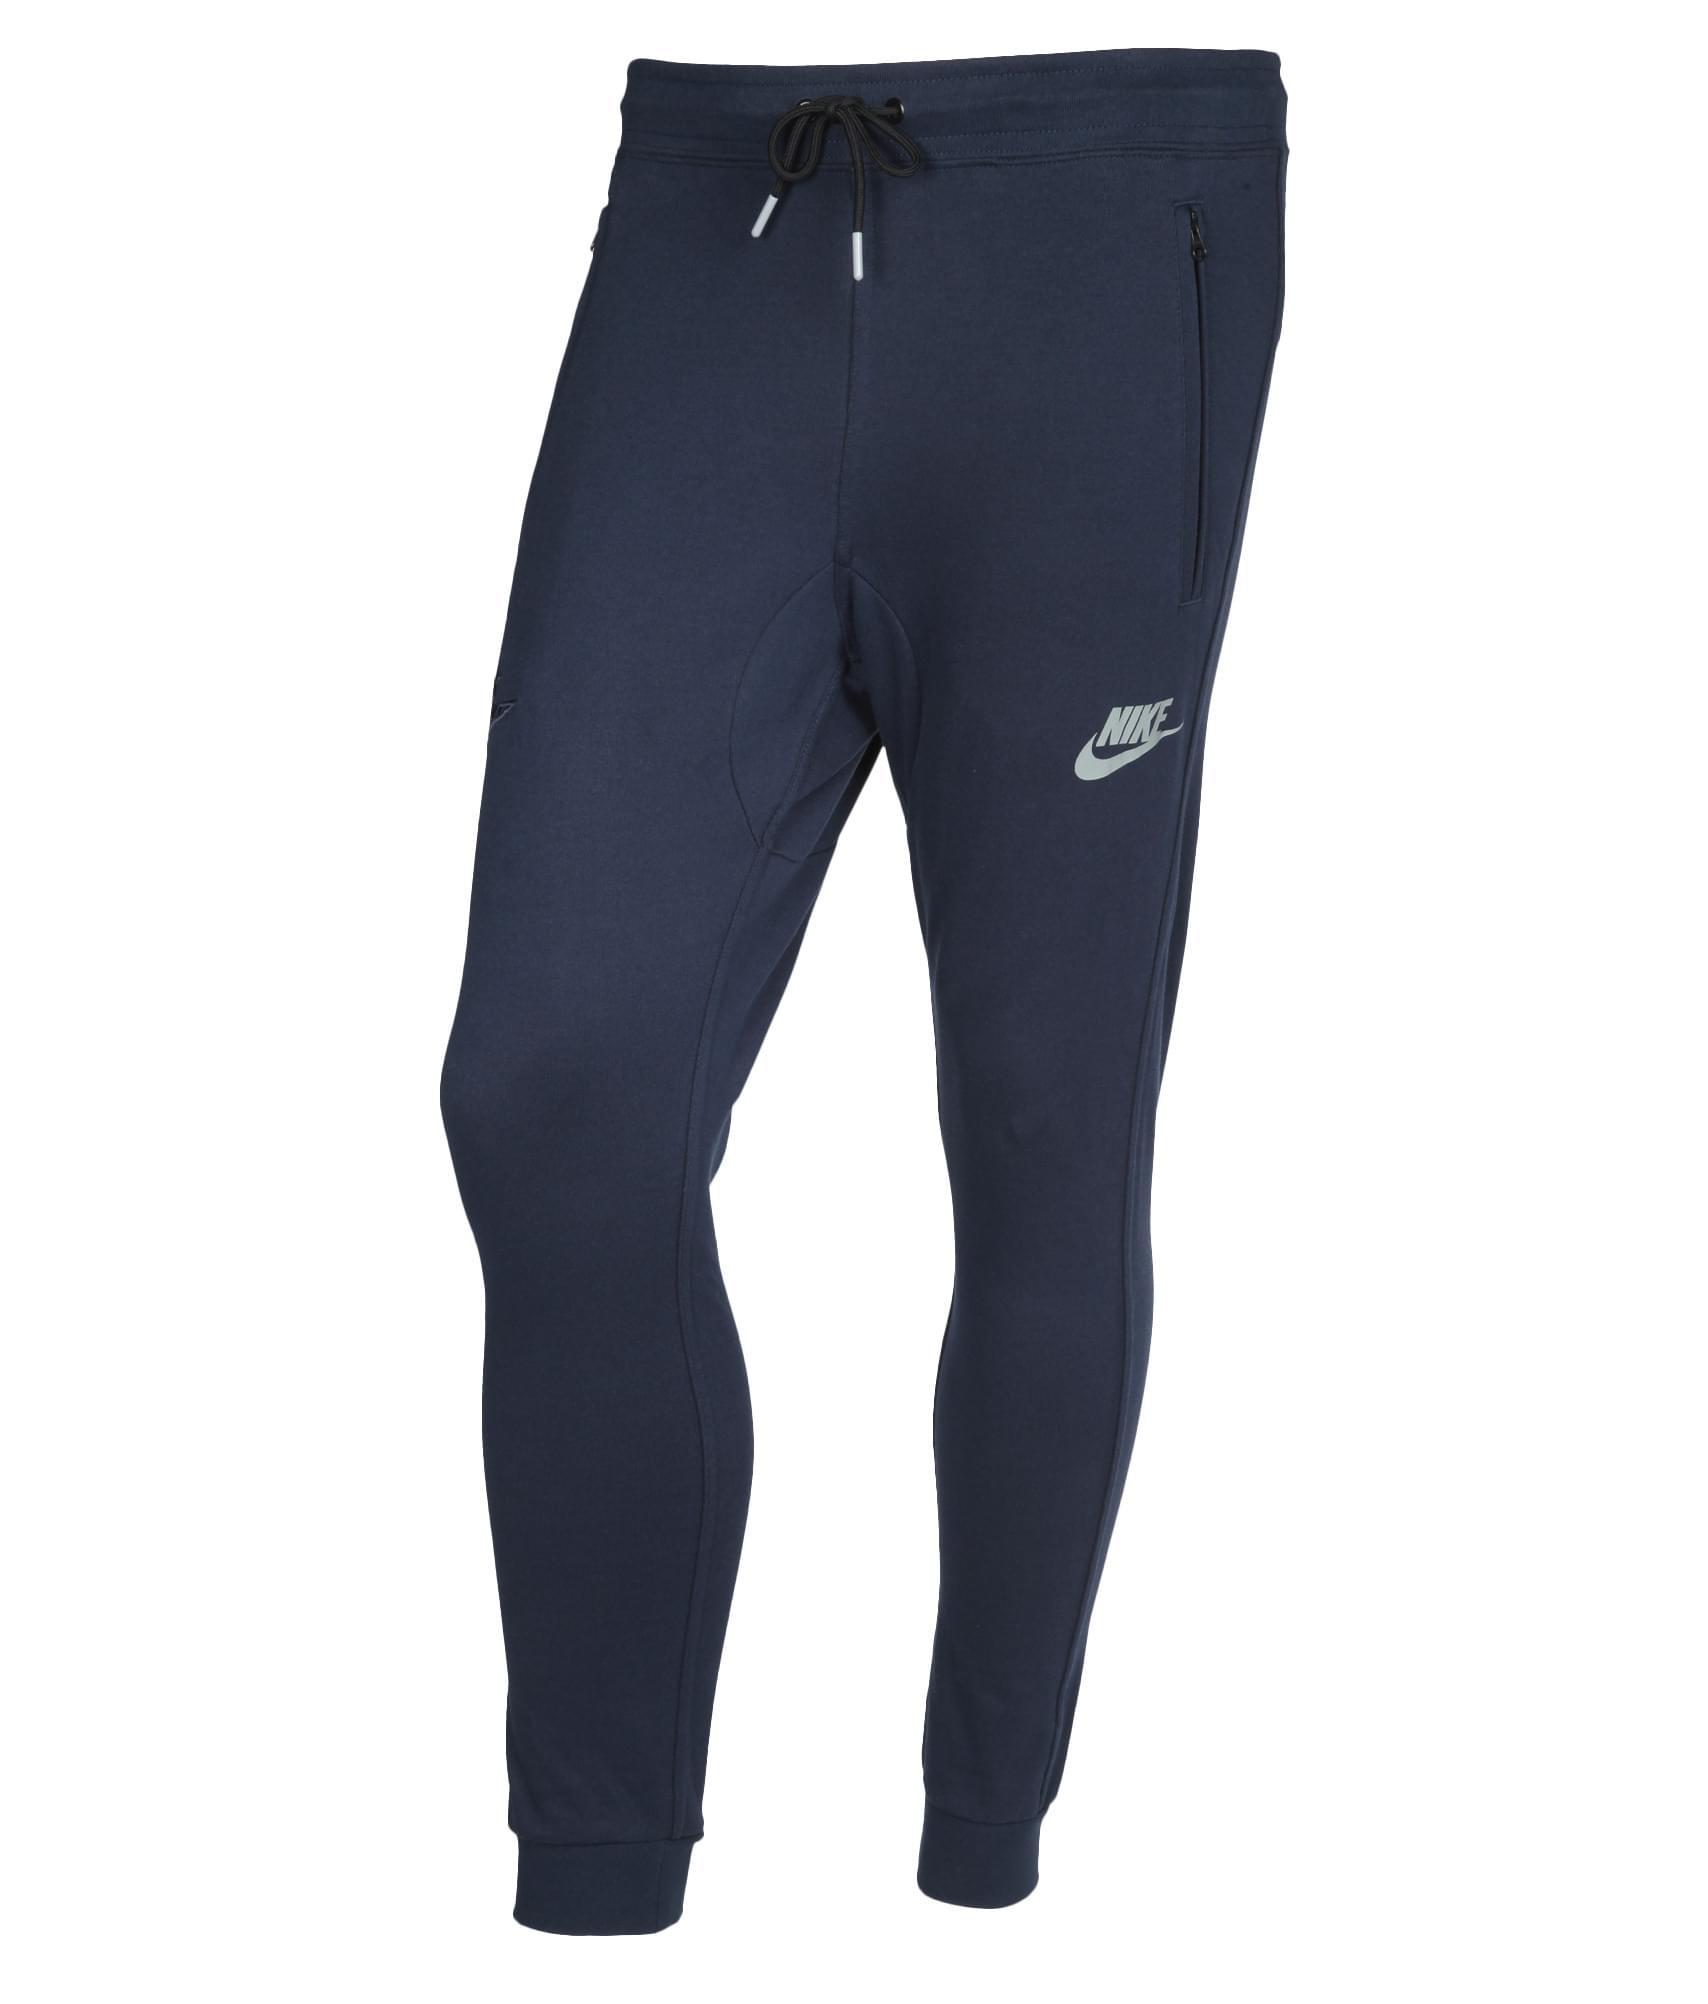 Брюки Nike, Цвет-Темно-Синий, Размер-XS спортивные лифчики найк